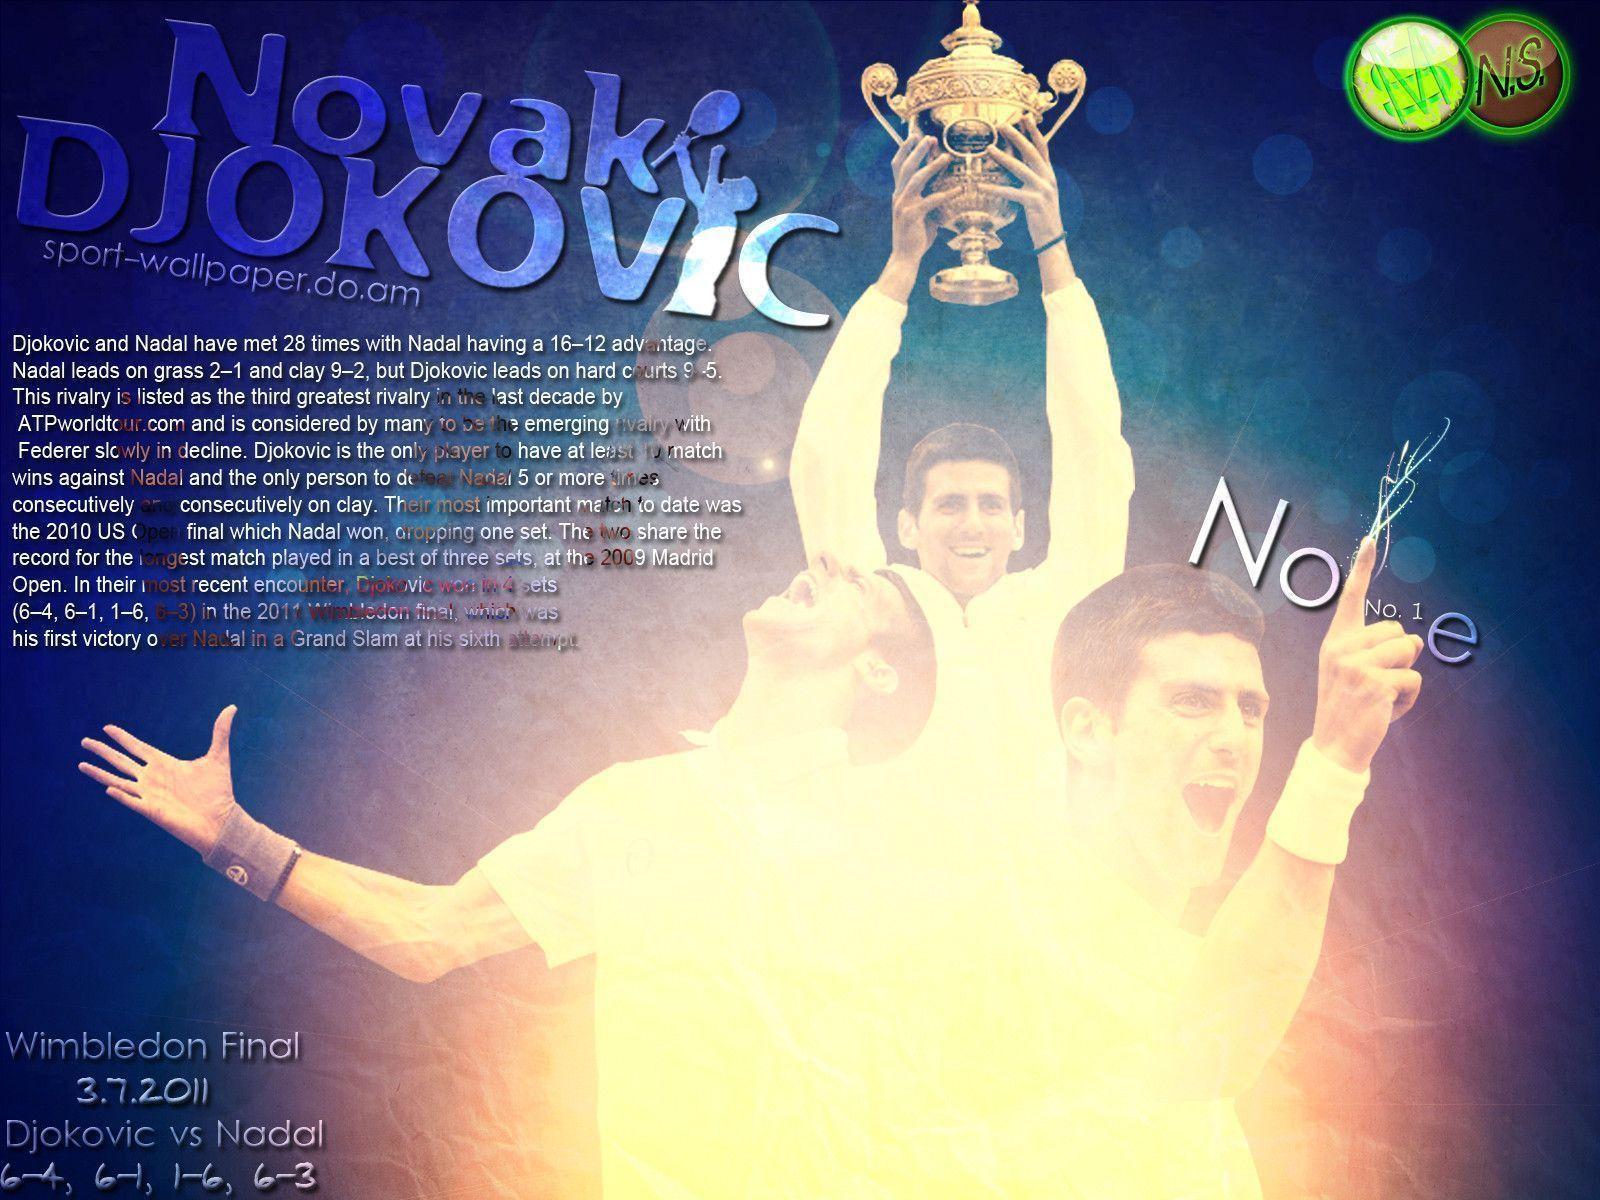 Novak Djokovic Wallpaper By WWW.SPORT-WALLPAPER.DO.AM 60102 ...